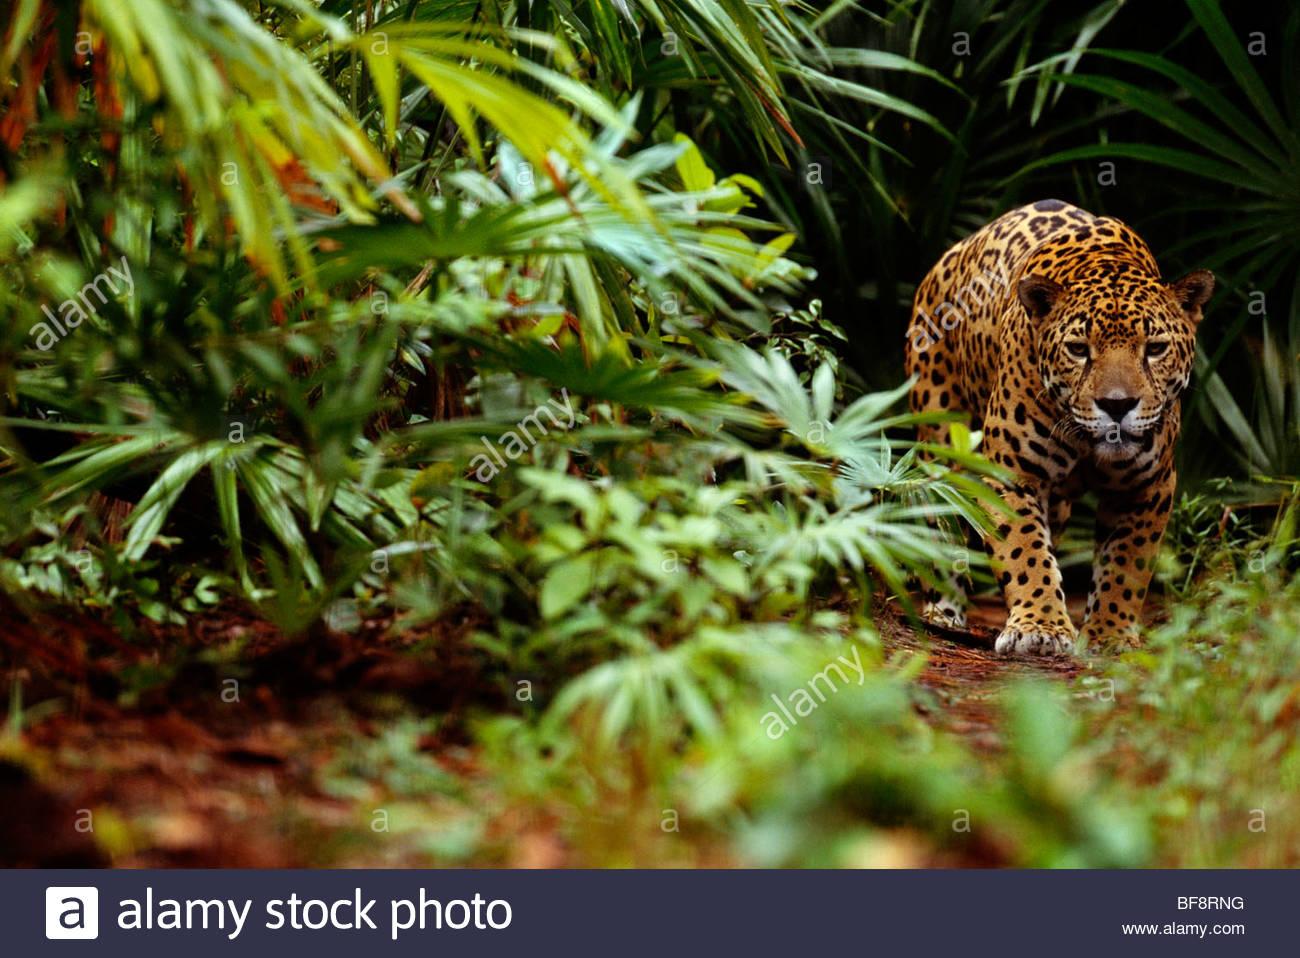 Jaguar, Panthera onca, Belize - Stock Image